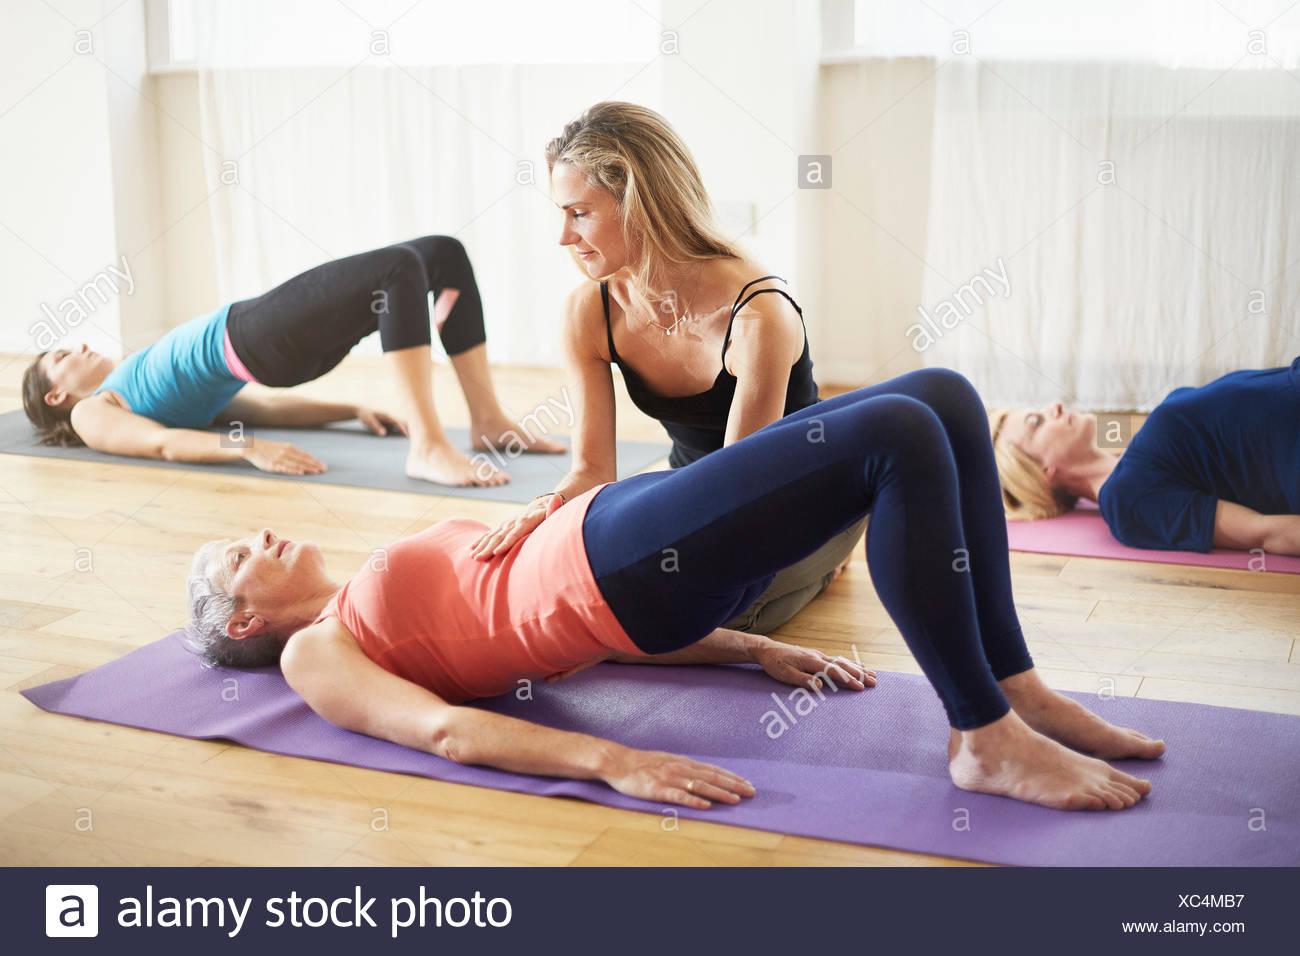 Apoyo docente alumno tumbado en vuelta en clase de pilates Imagen De Stock